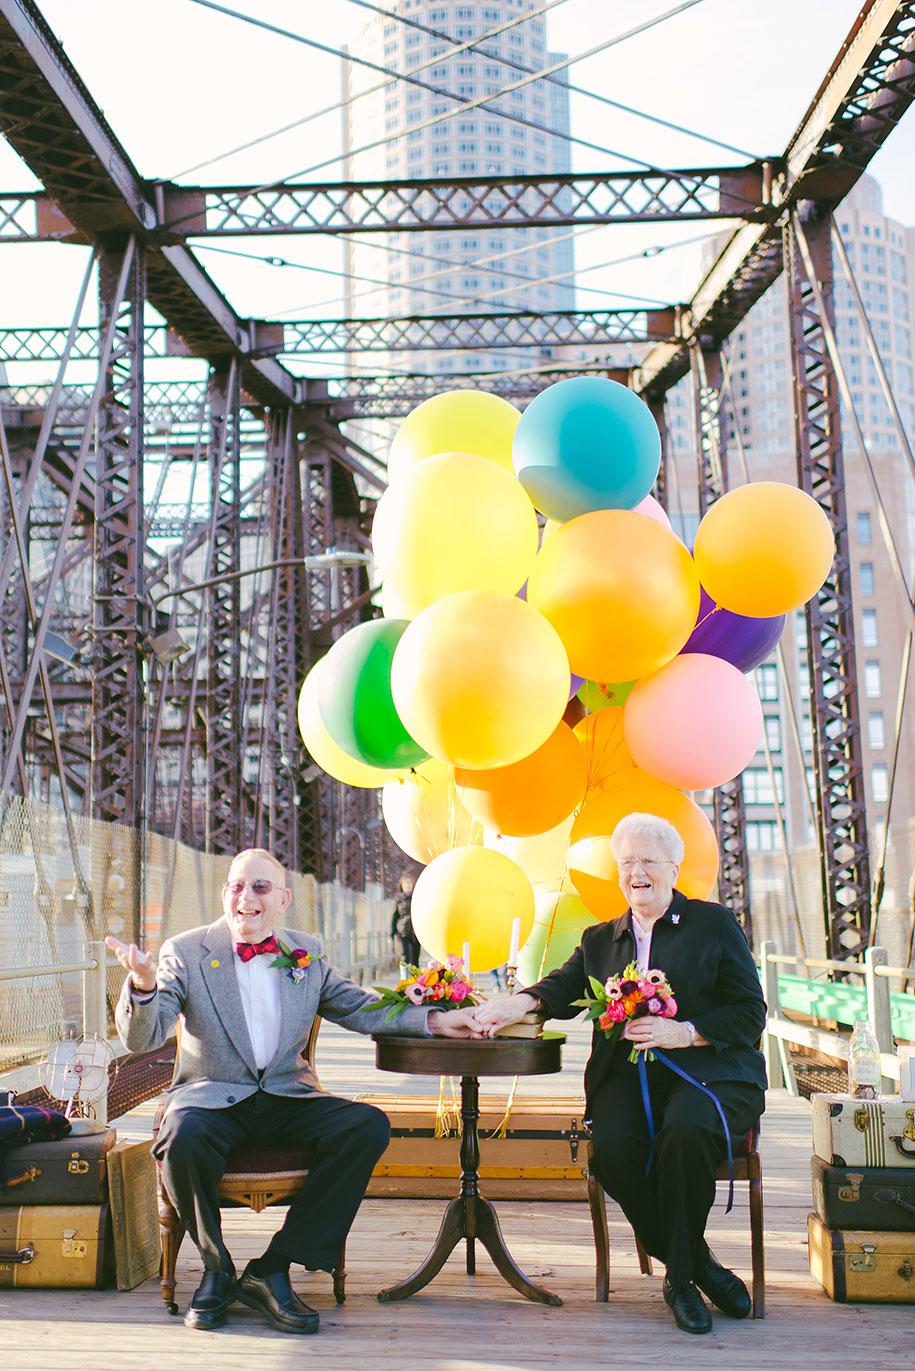 up-themed-61-year-anniversary-photo-shoot-lauren-wells-3